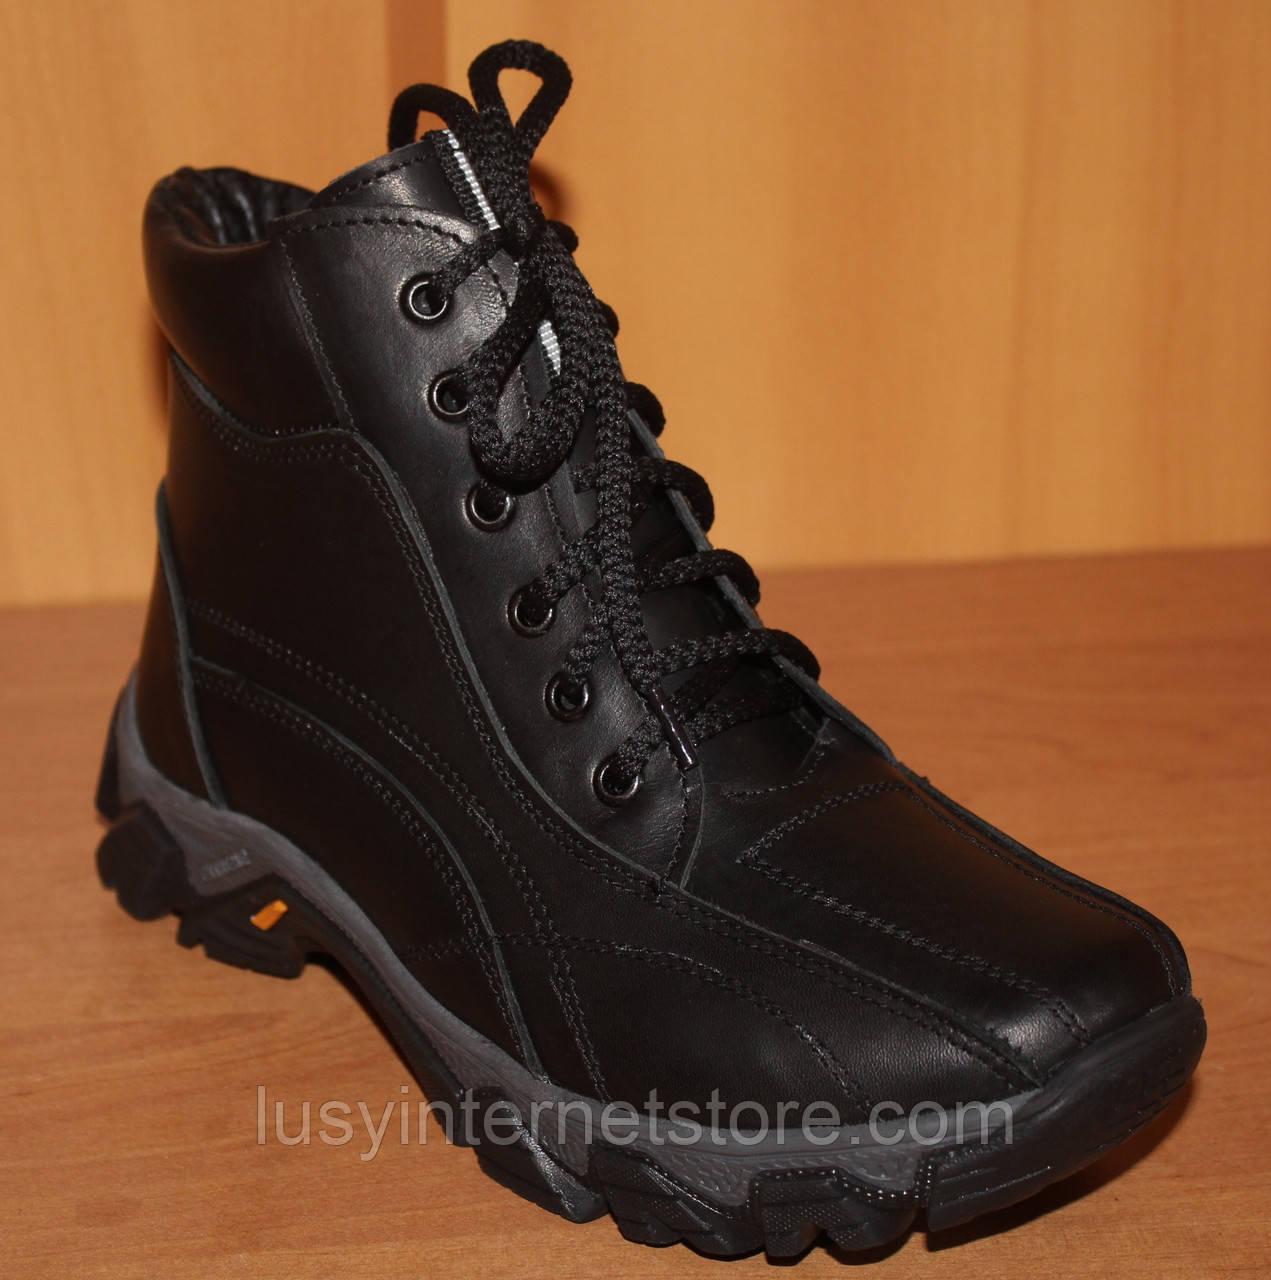 Ботинки высокие зимние для подростка модель ПВ1ЗМ1  продажа, цена в ... 8823a414b2c